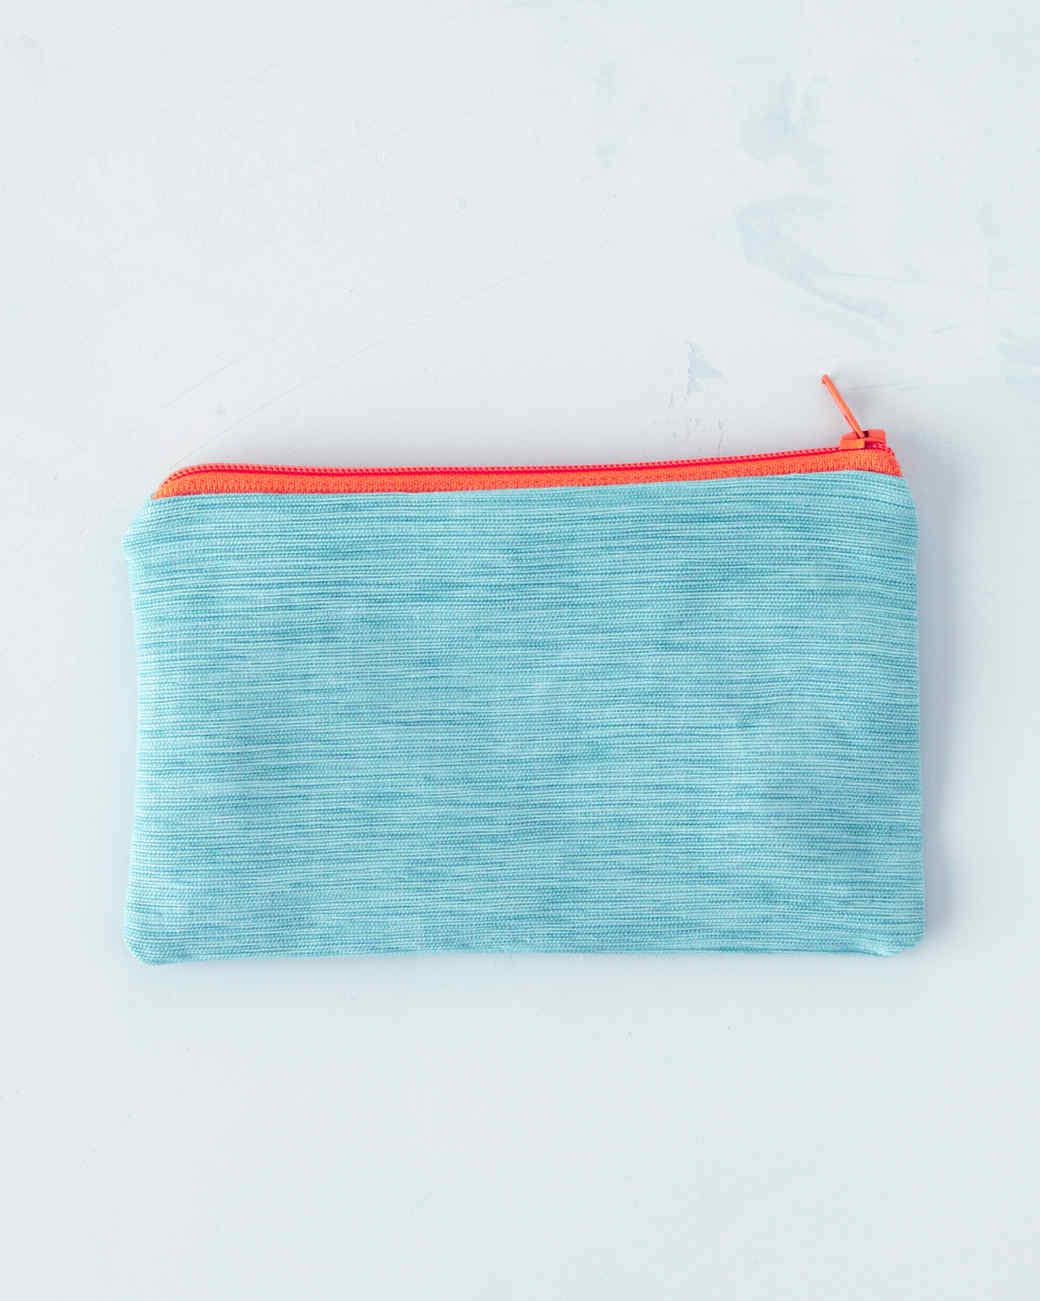 zipper-pouch-12-4030-d111406-0914.jpg